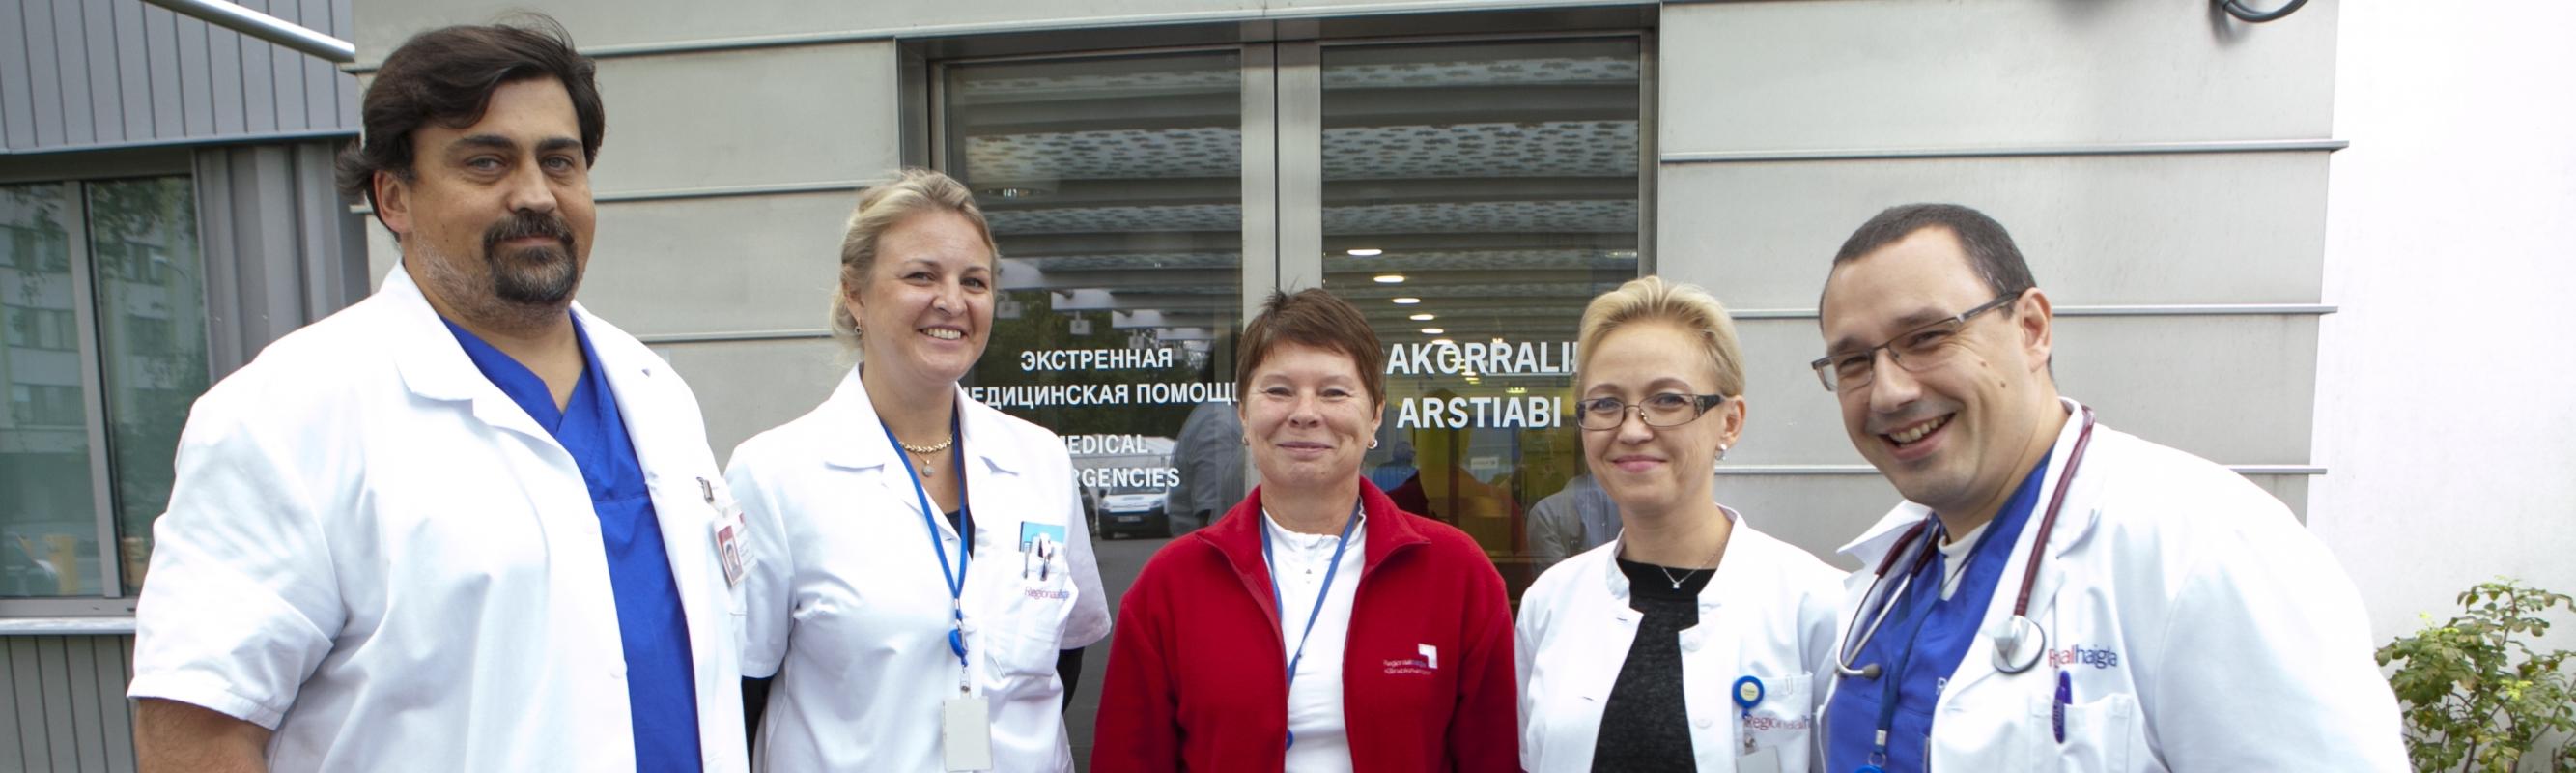 Erakorralise meditsiini keskuse juhataja dr Vassili Novak keskuse arstidega